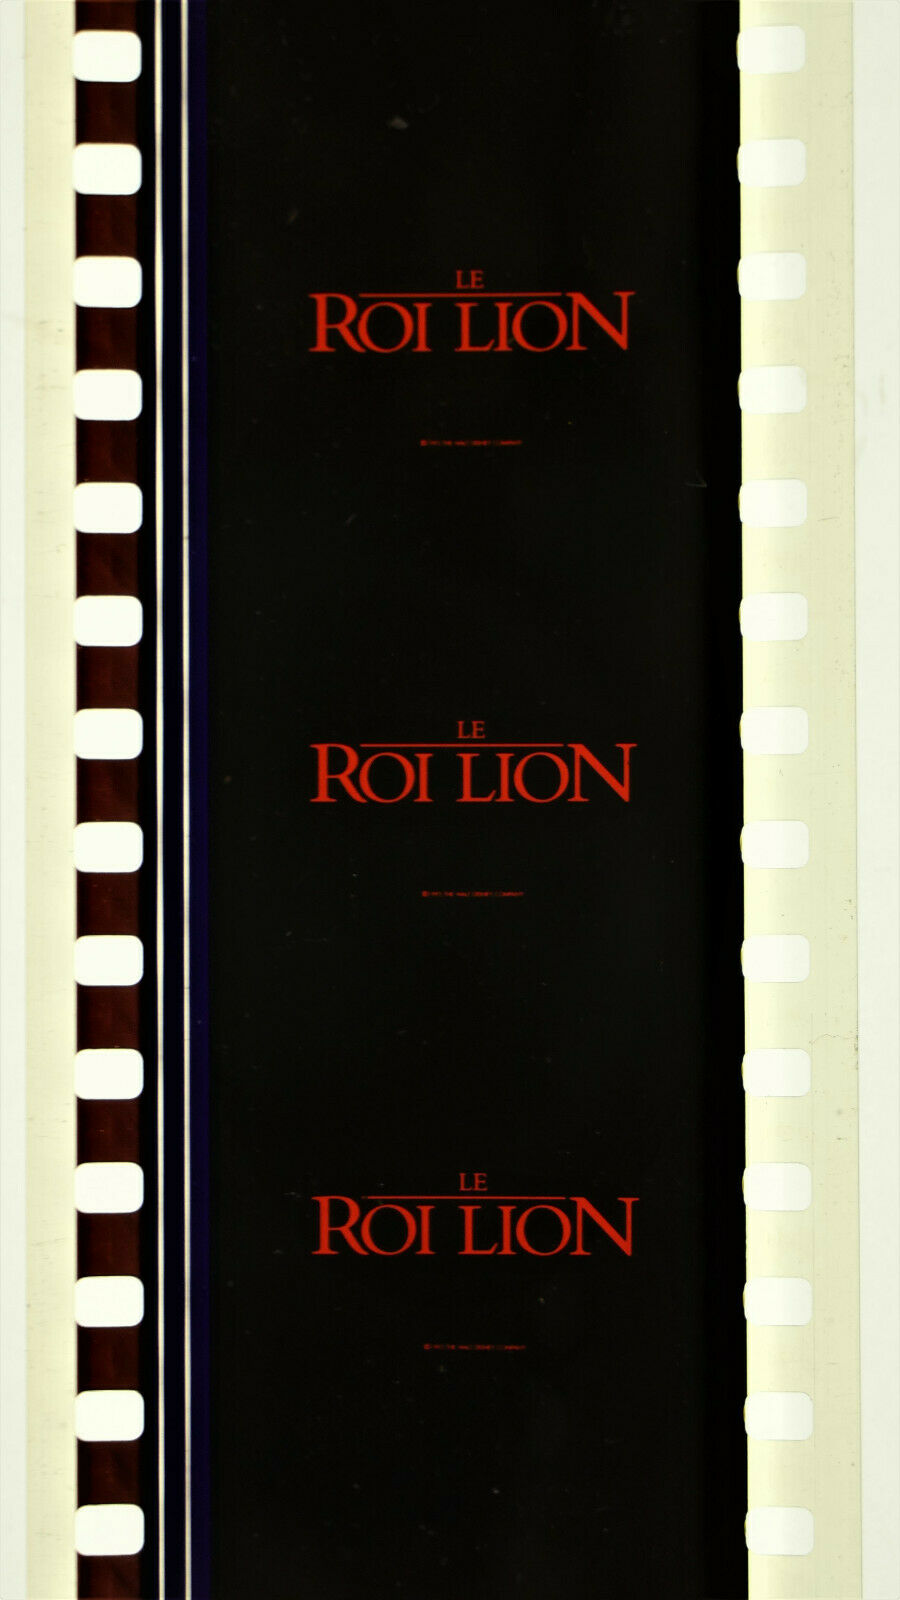 Films annonces en 35mm et PLV cinéma Rl110